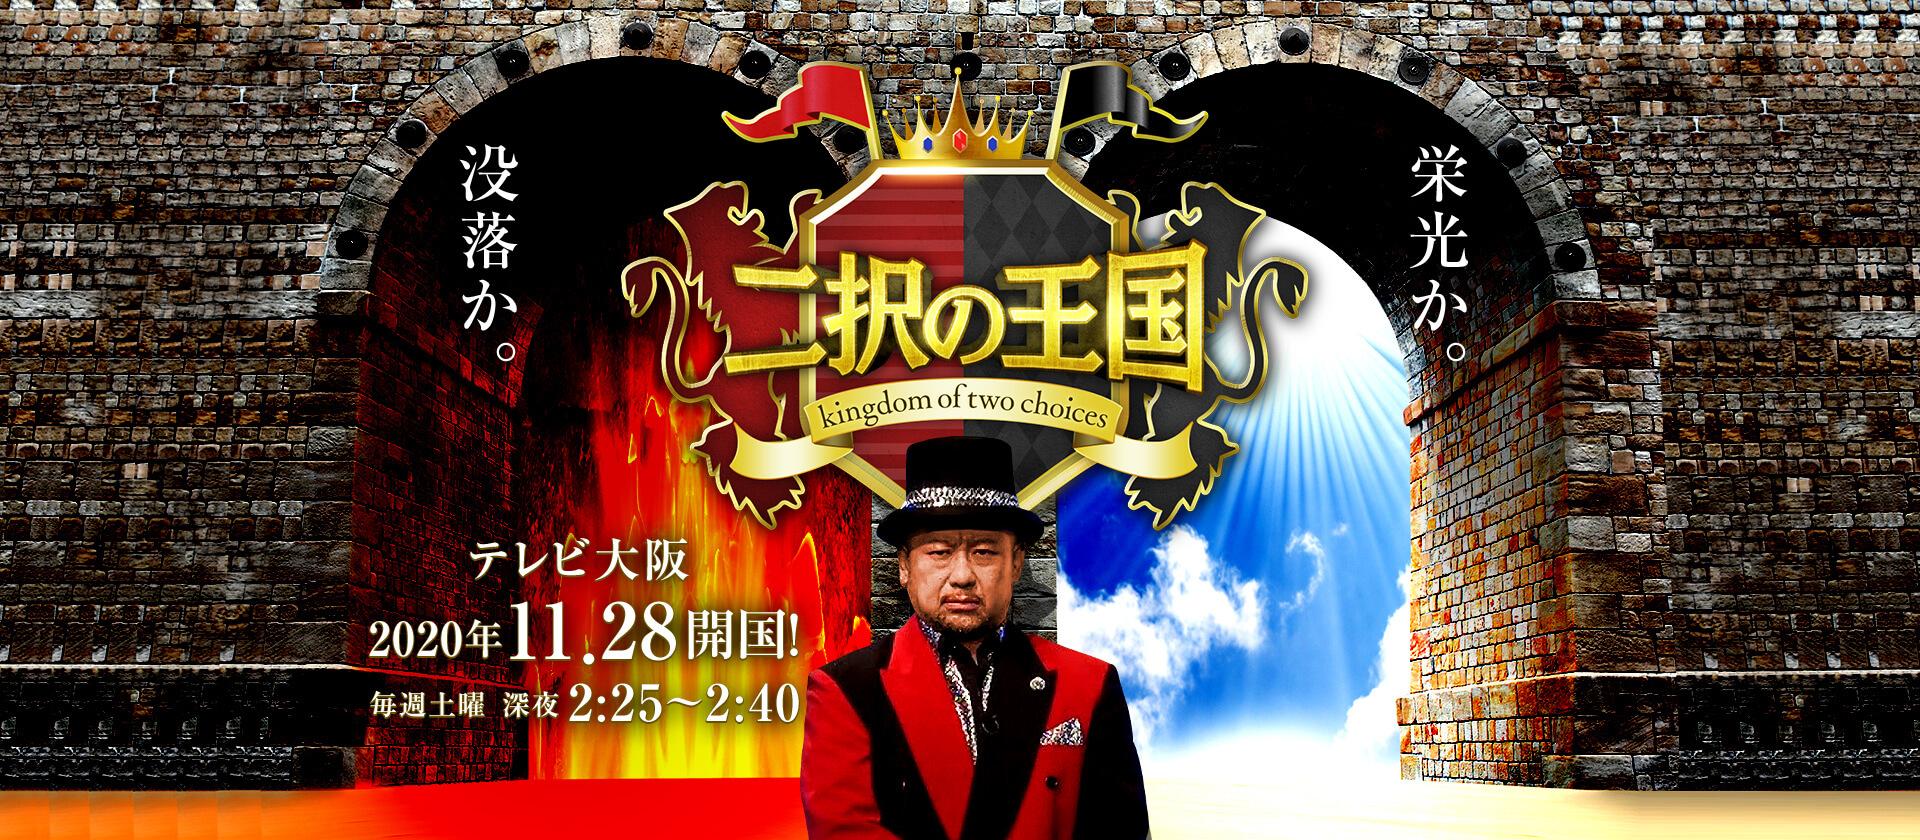 テレビ大阪 【二択の王国】